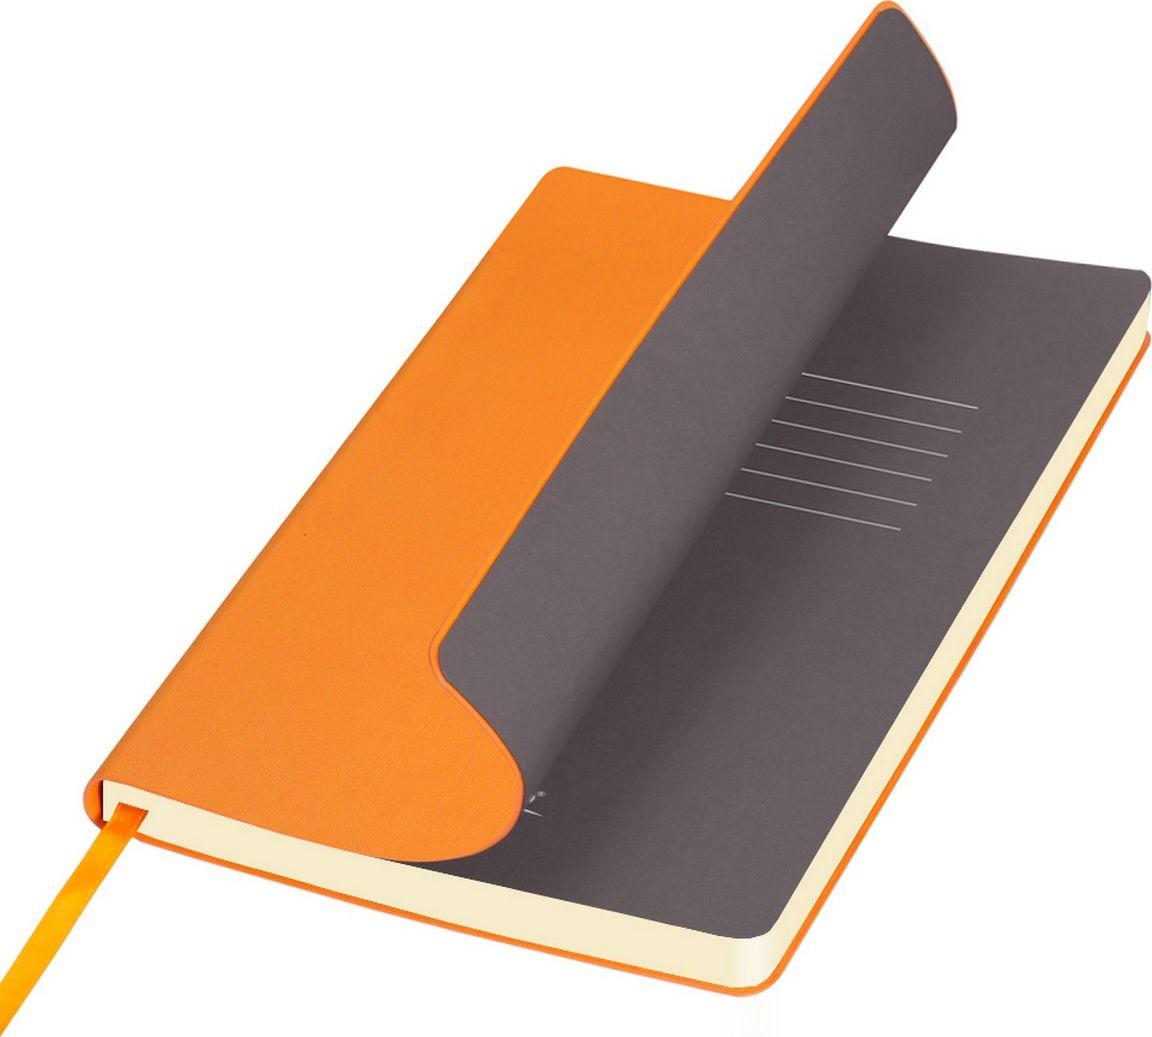 Portobello Trend Ежедневник недатированный Sky 128 листов цвет оранжевый серый